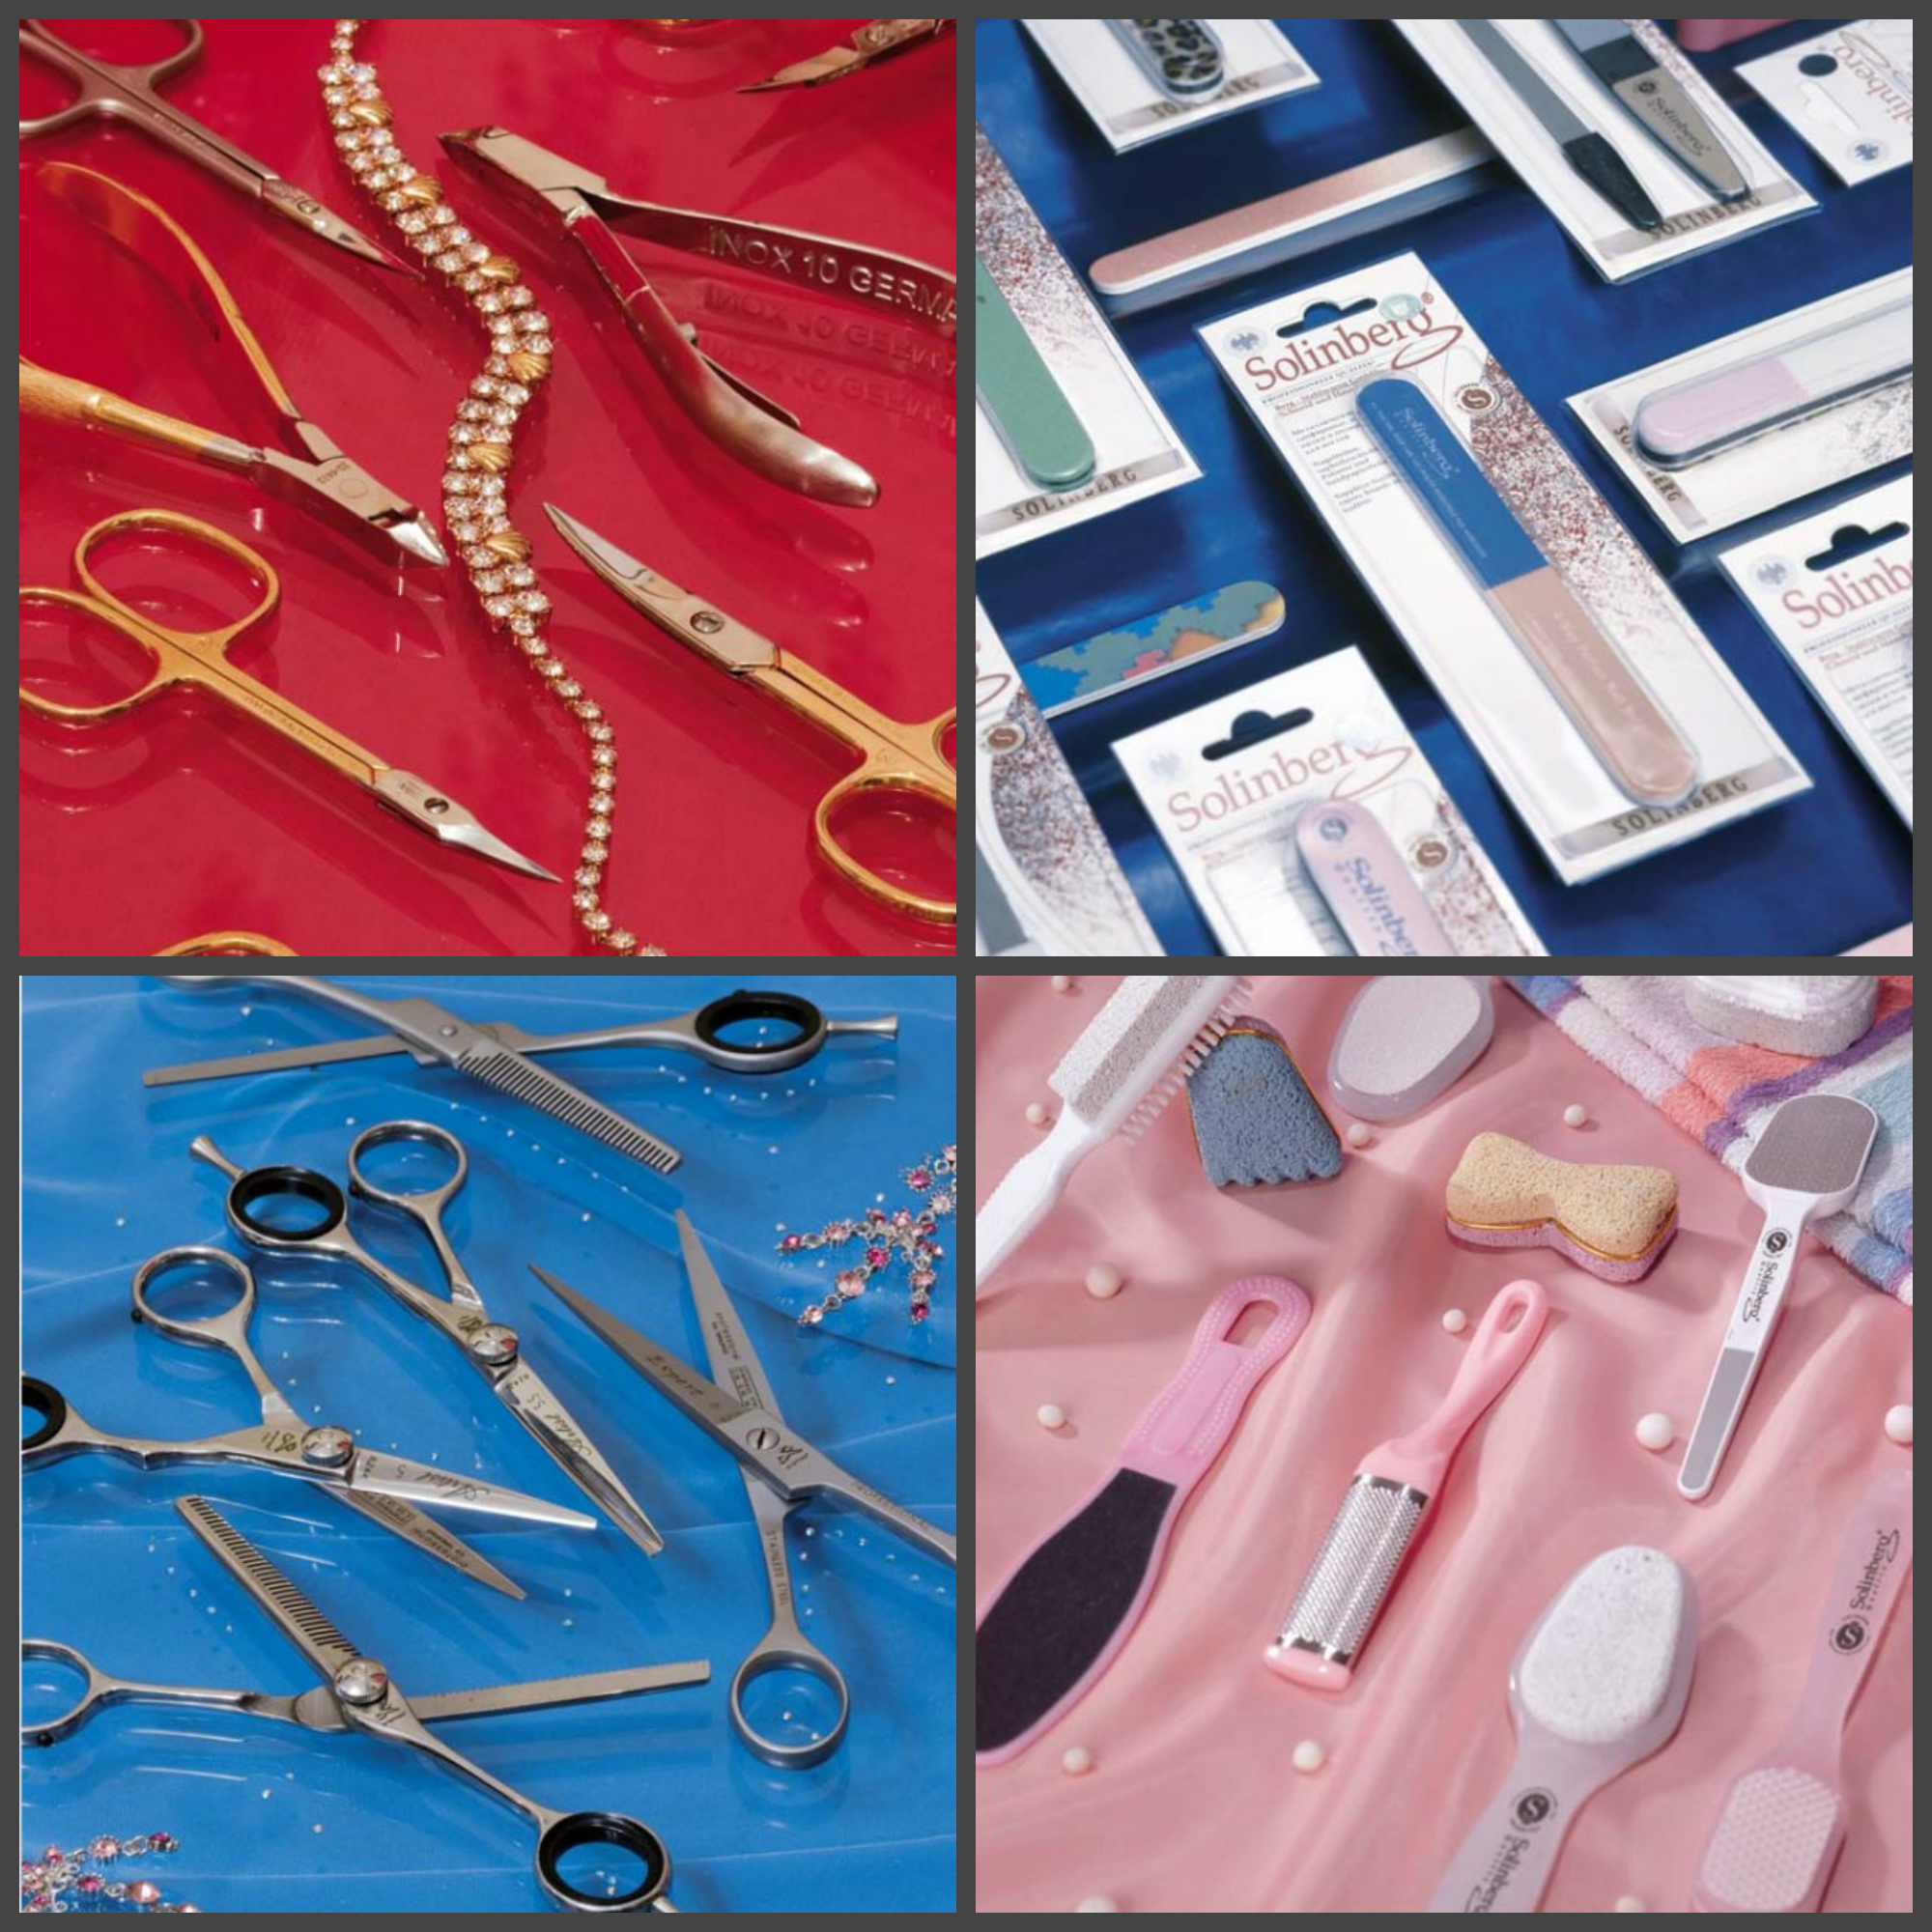 Сбор заказов. Маникюрные, педикюрные, парикмахерские инструменты и принадлежности, еще много всего интересного